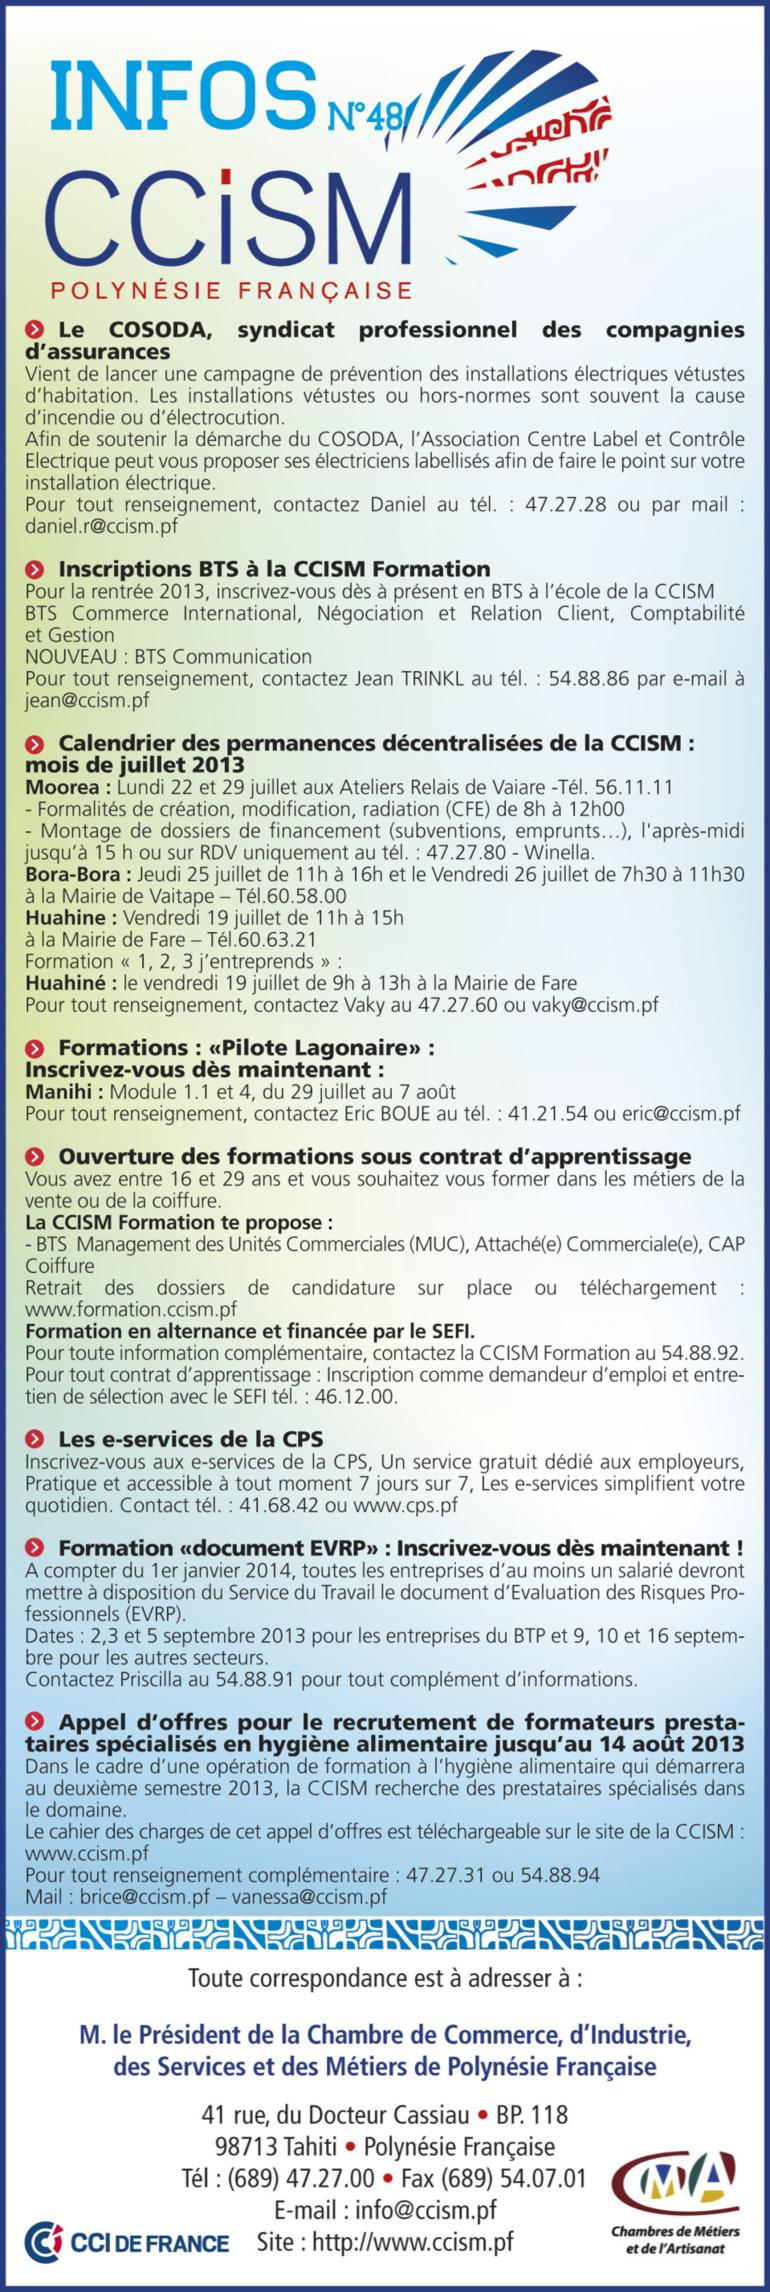 Infos CCISM N°48